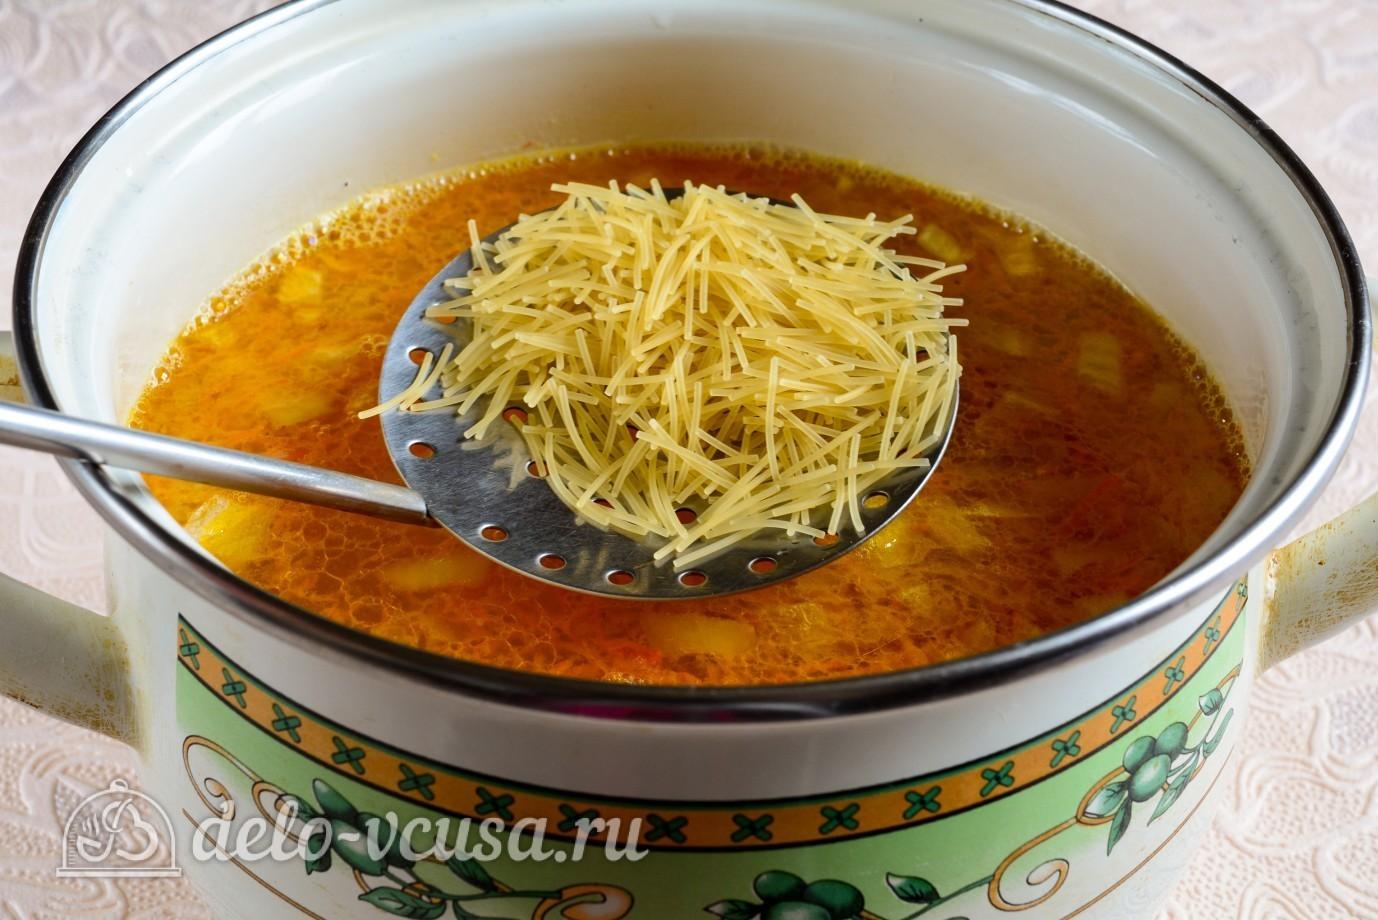 Куриный суп с вермишелью и картошкой: Добавляем вермишель